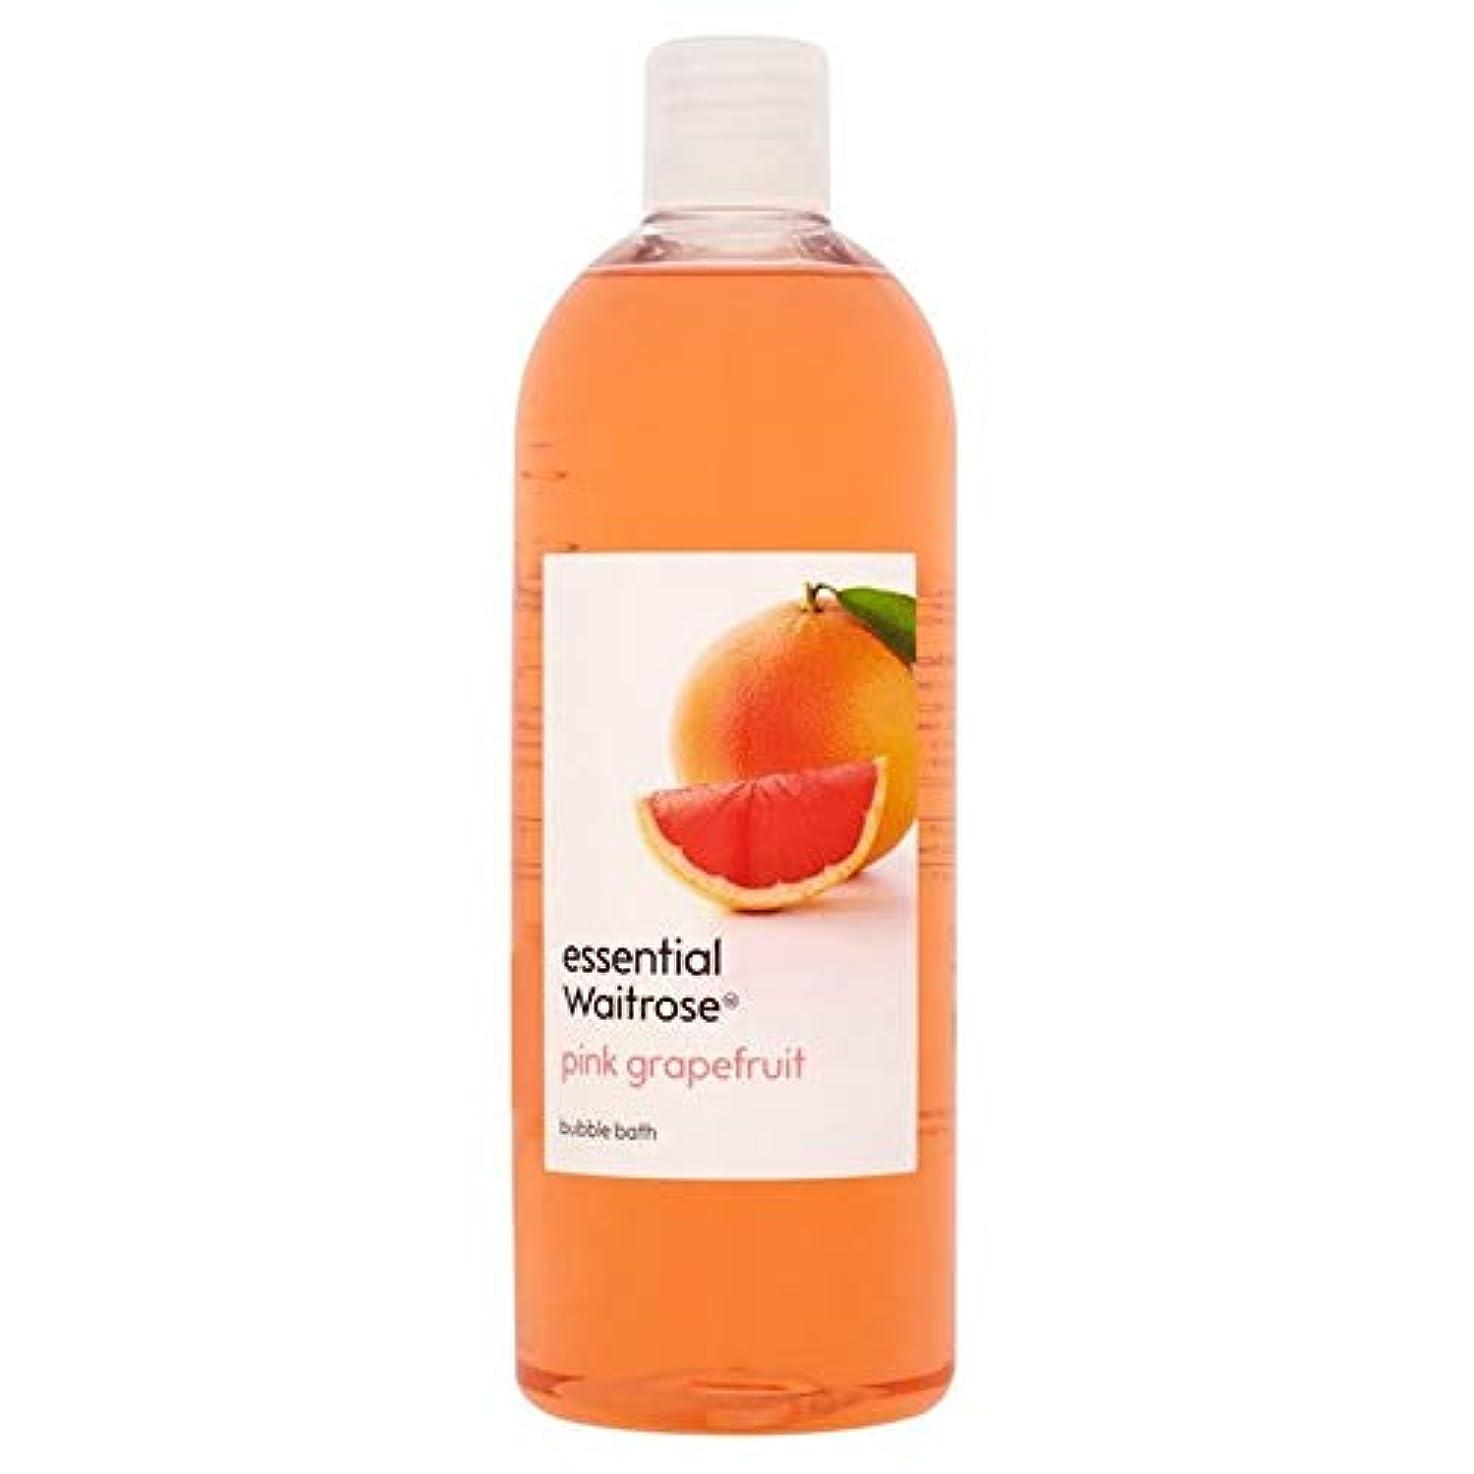 スライス炭素ねじれ[Waitrose ] 基本的なウェイトローズの泡風呂ピンクグレープフルーツ750ミリリットル - Essential Waitrose Bubble Bath Pink Grapefruit 750ml [並行輸入品]